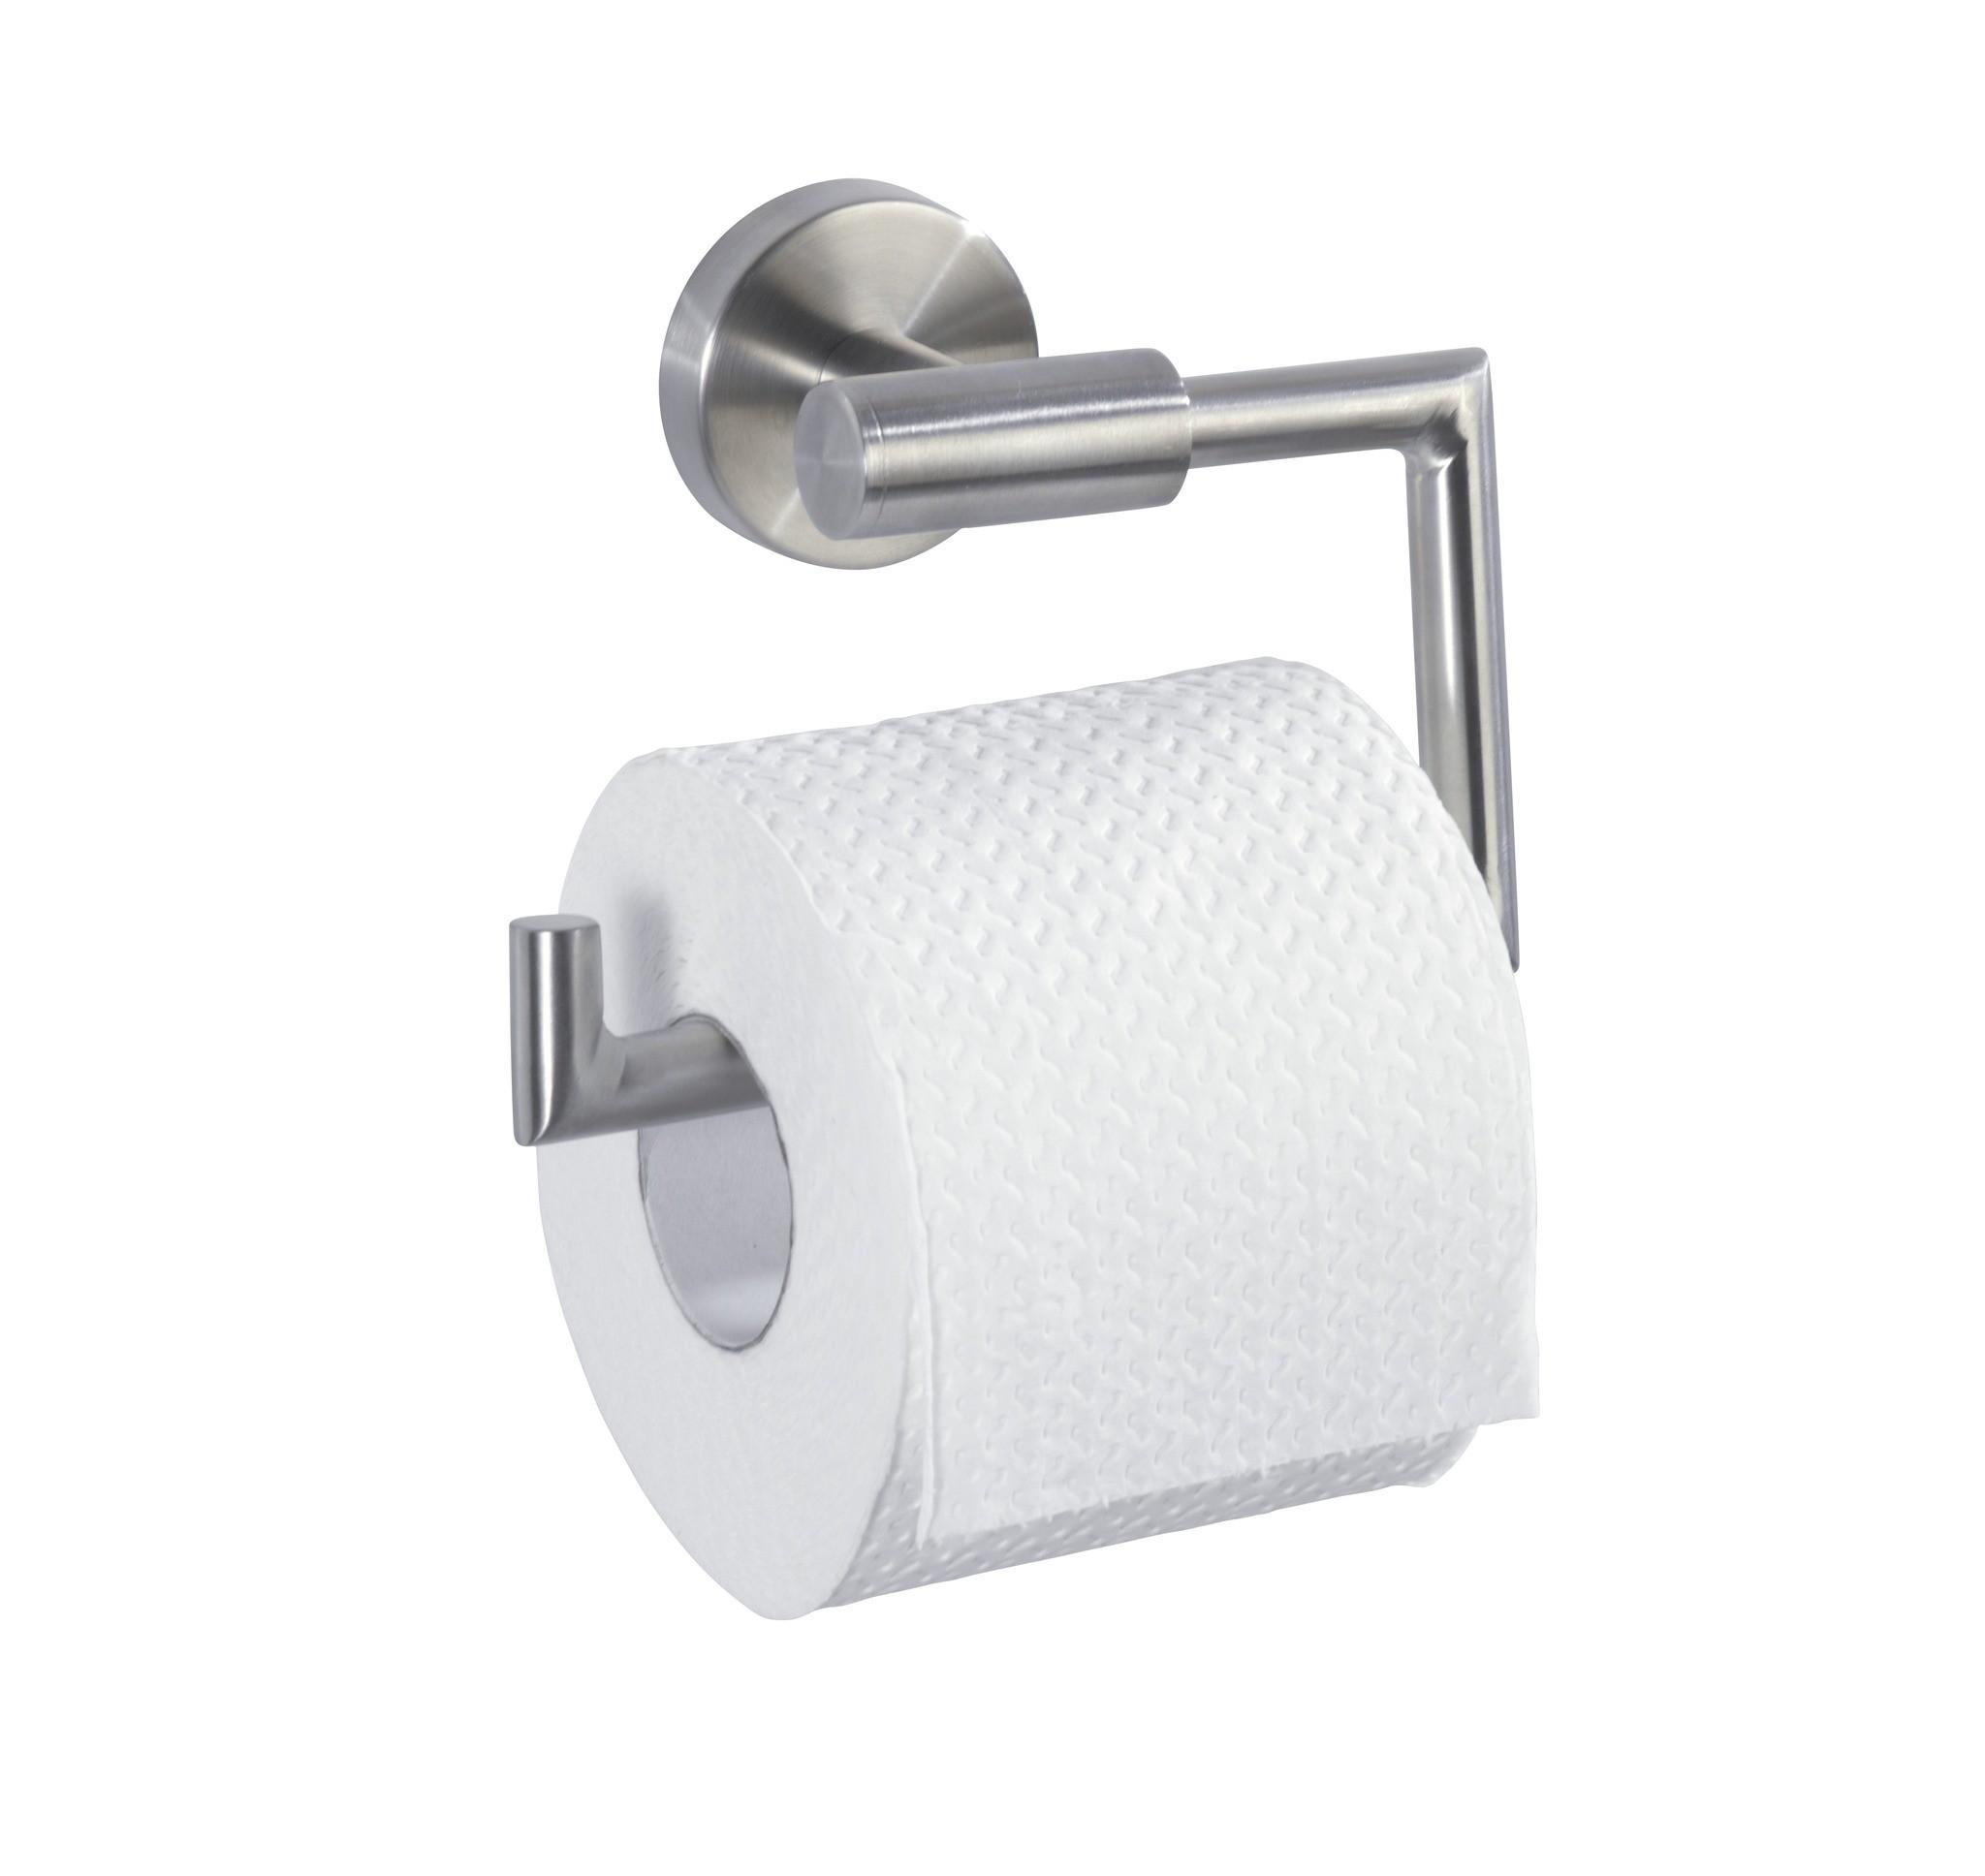 Toilettenpapierhalter ohne Deckel Bosio, Edelstahl rostfrei